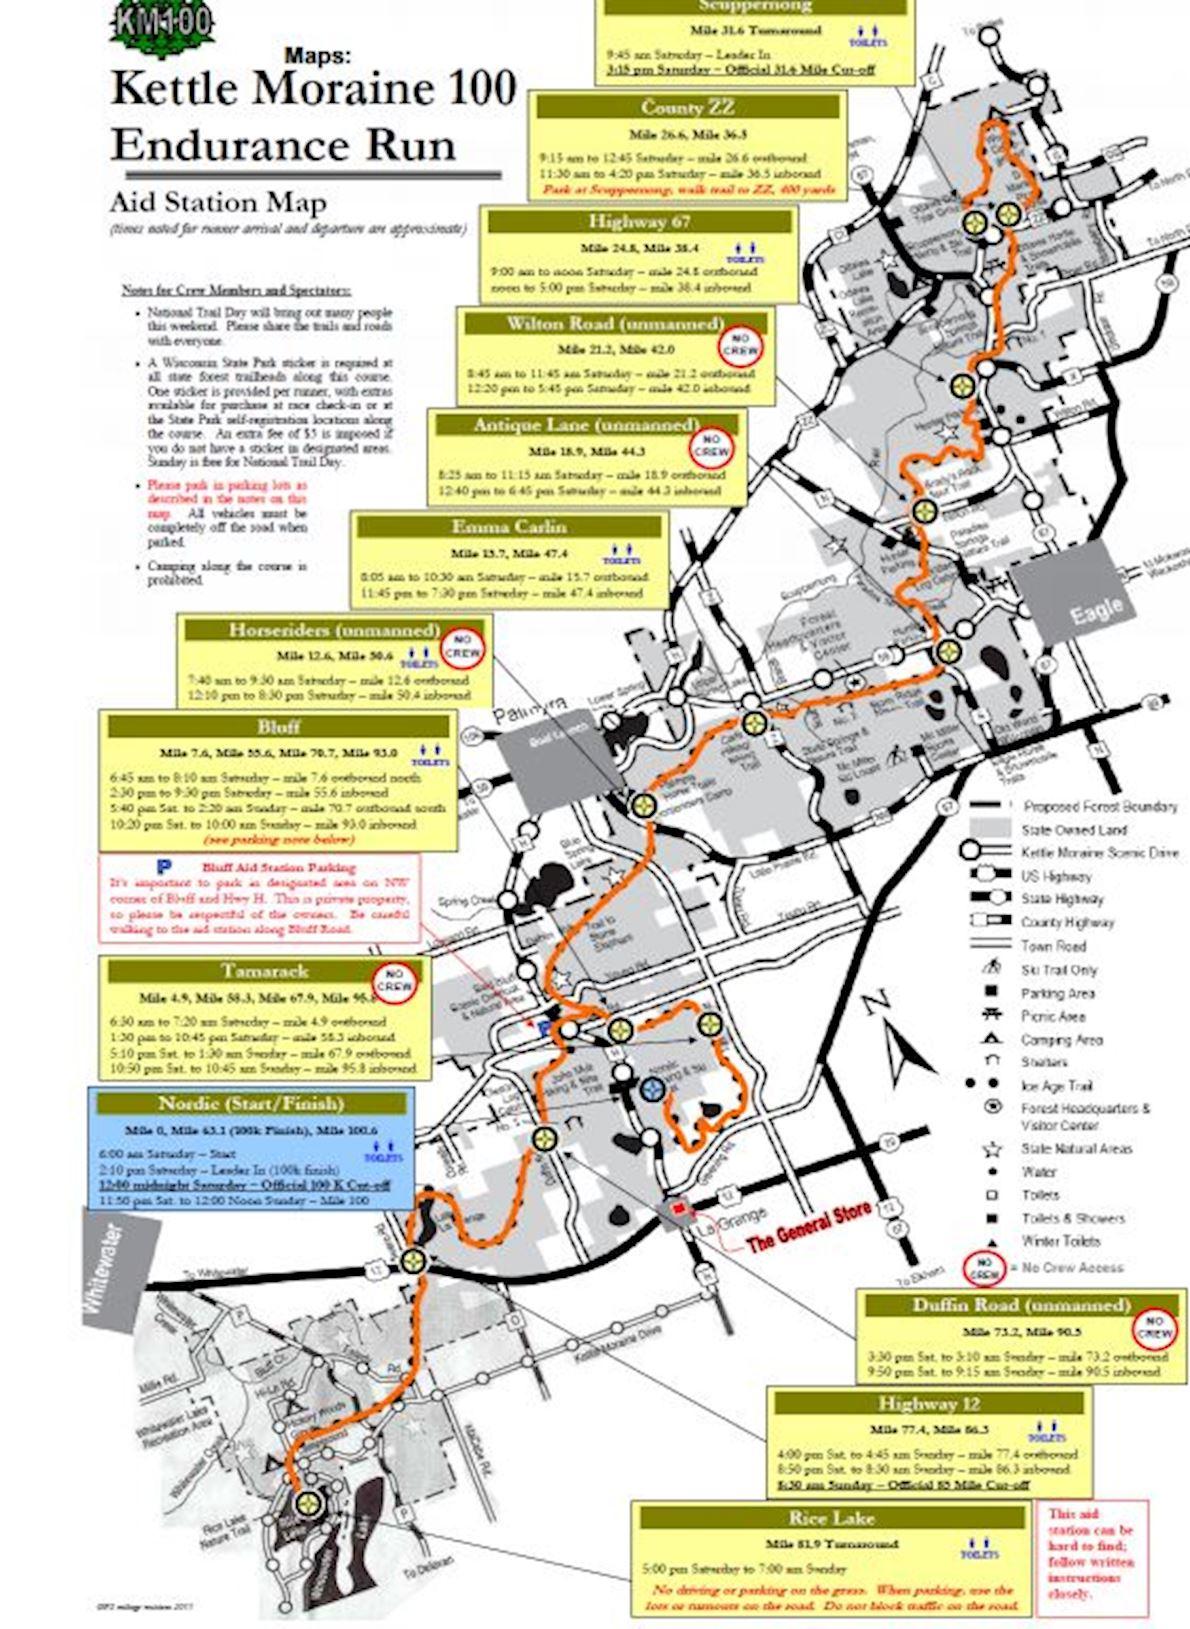 Kettle Moraine 100 Endurance Runs Mappa del percorso